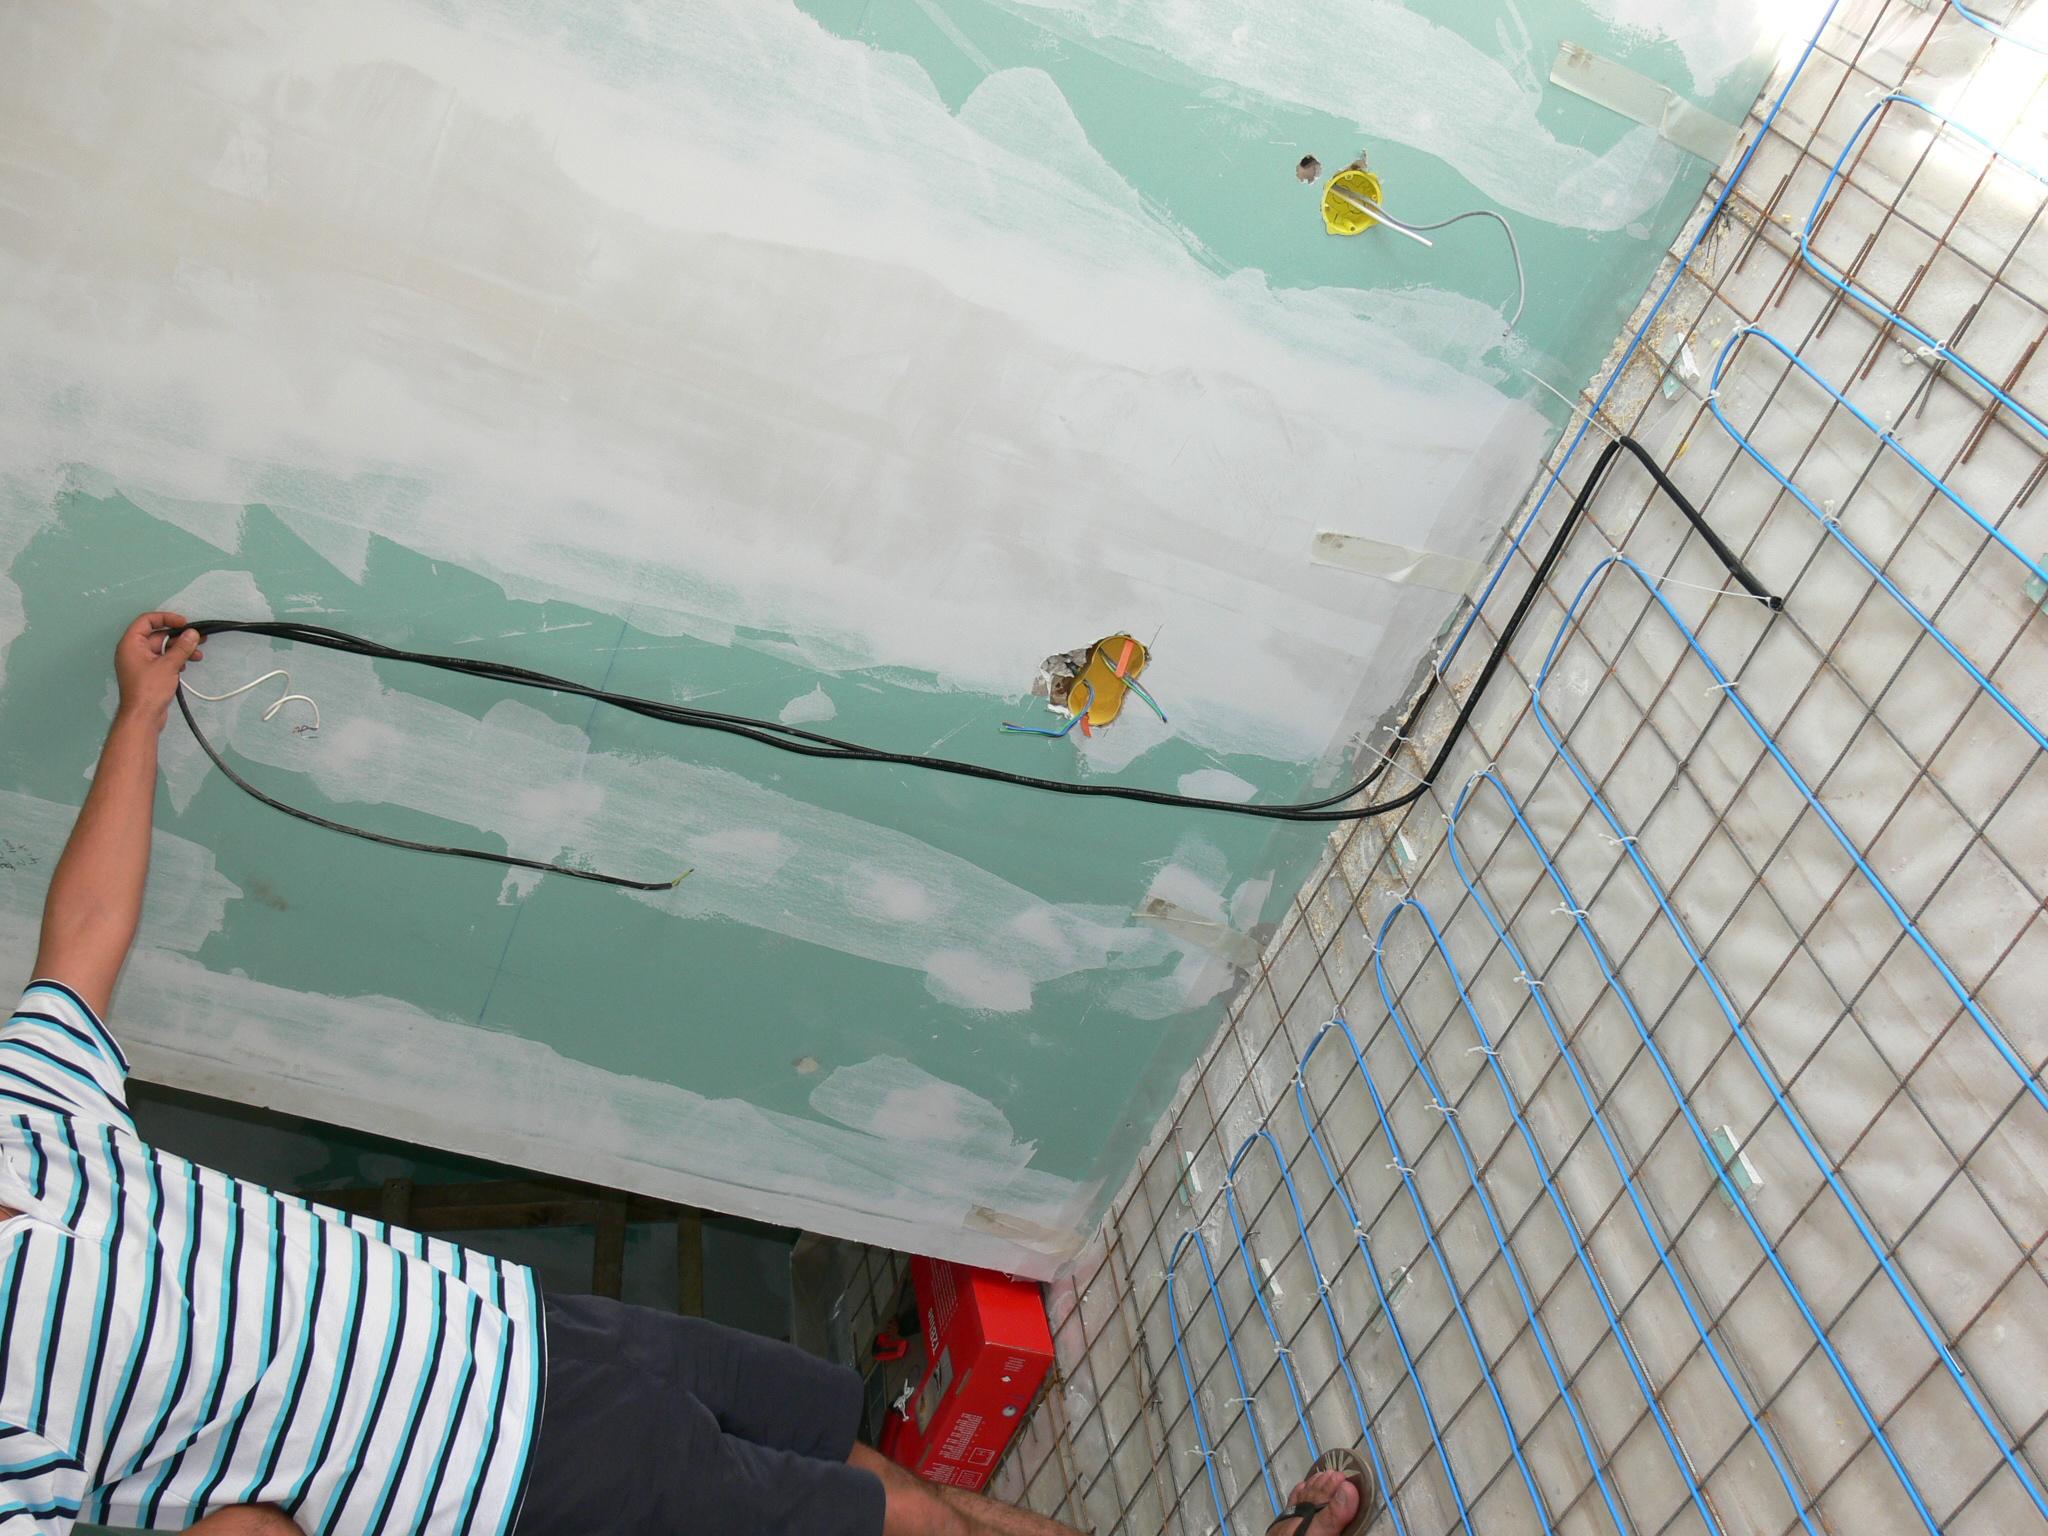 Sistem de incalzire electrica prin pardoseala RAYCHEM - Poza 131